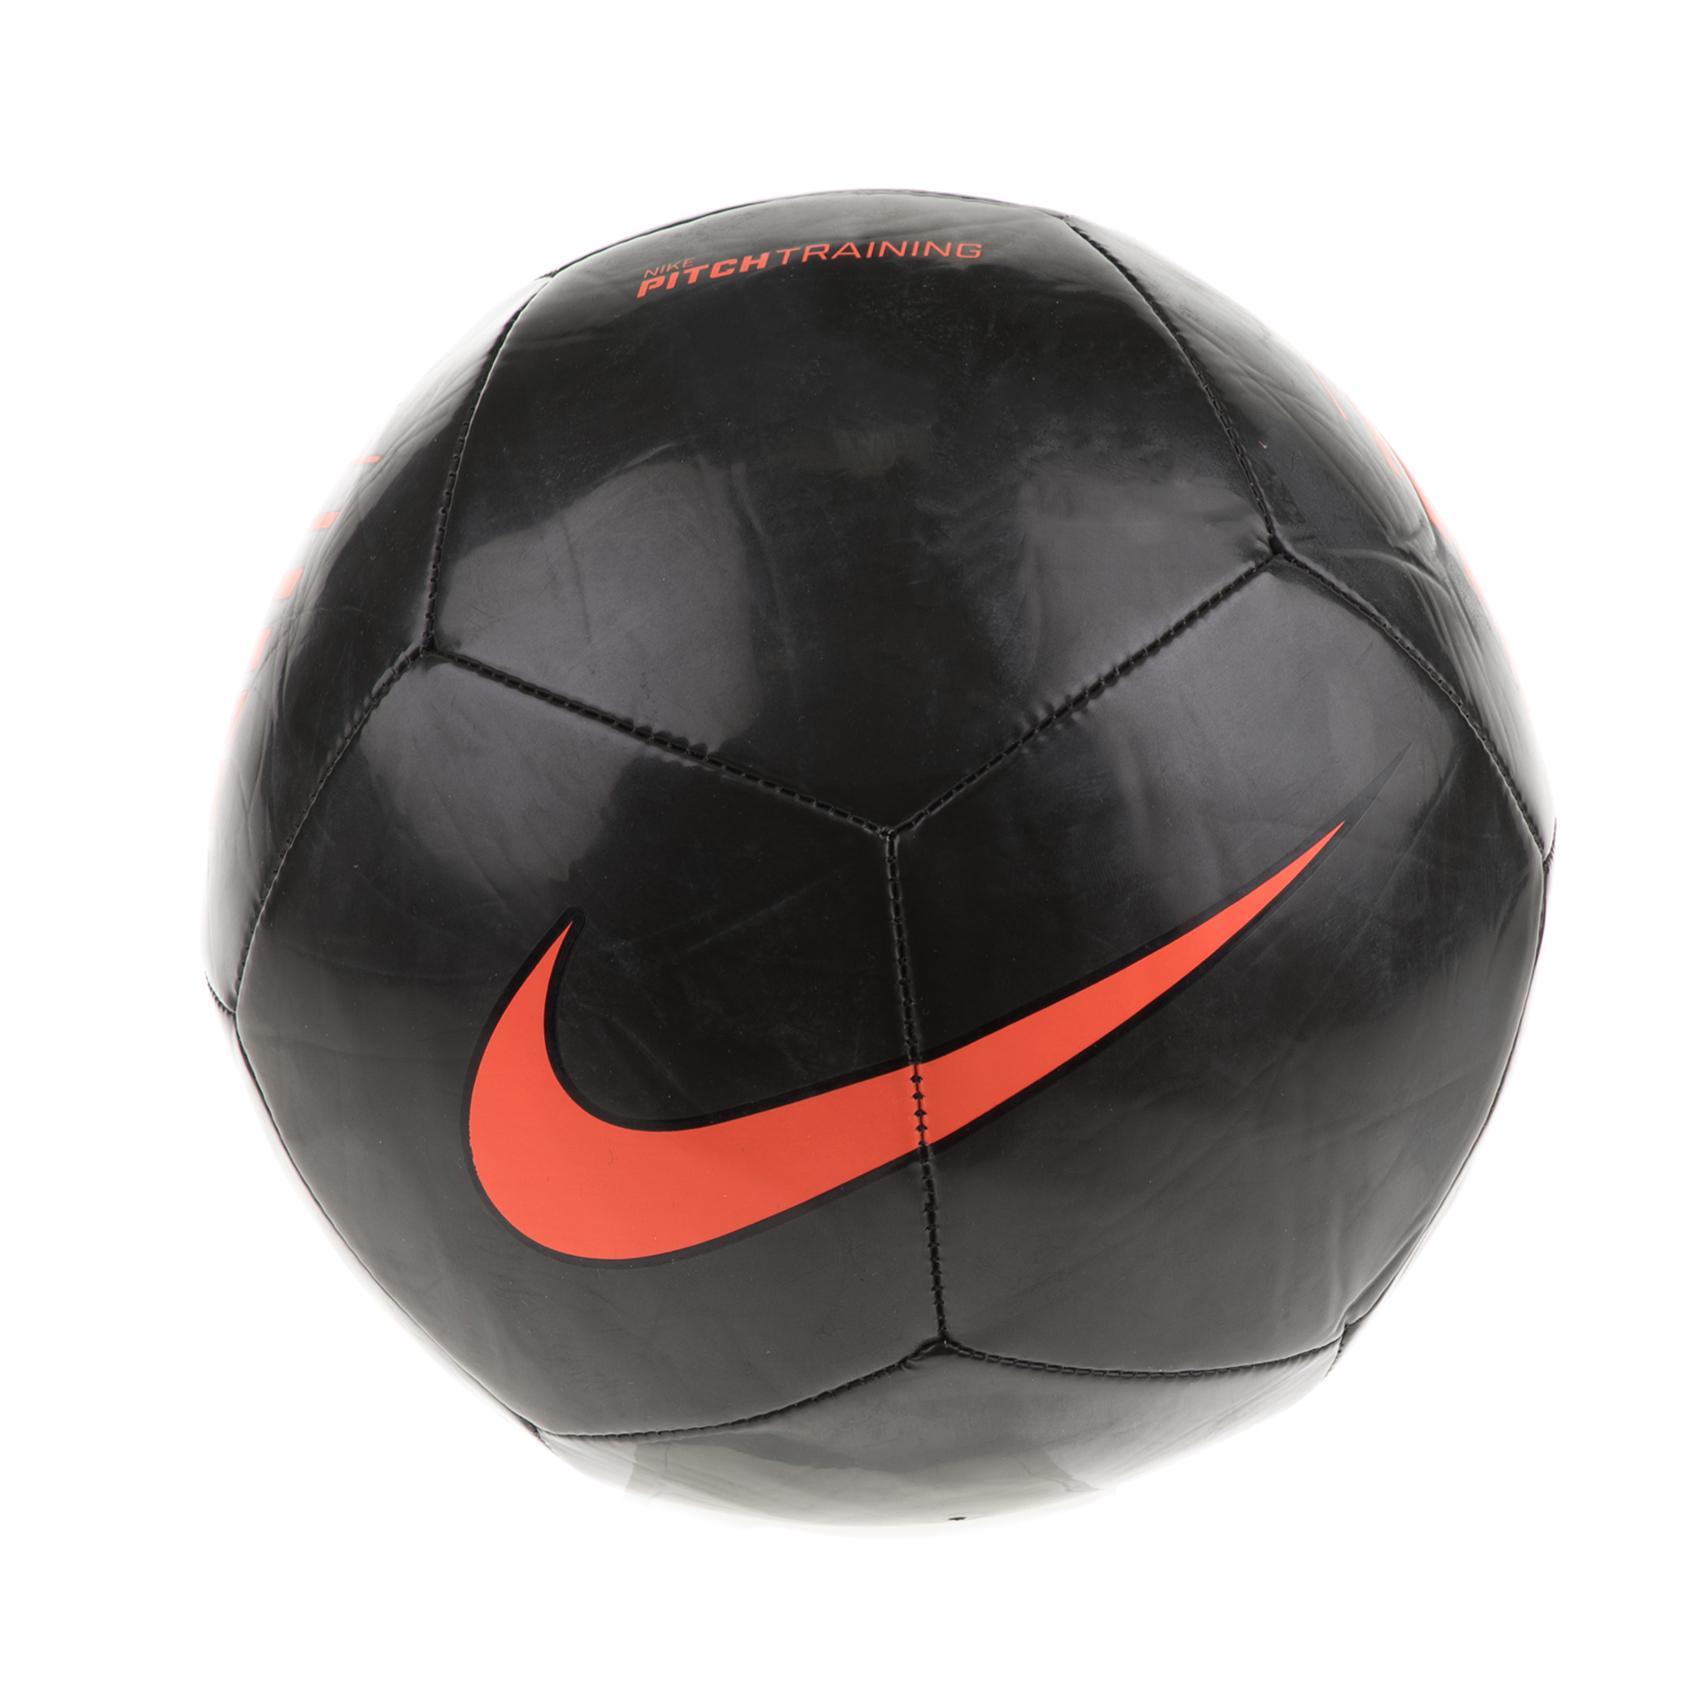 NIKE - Μπάλα ποδοσφαίρου Nike PTCH TRAIN μαύρη γυναικεία αξεσουάρ αθλητικά είδη μπάλες